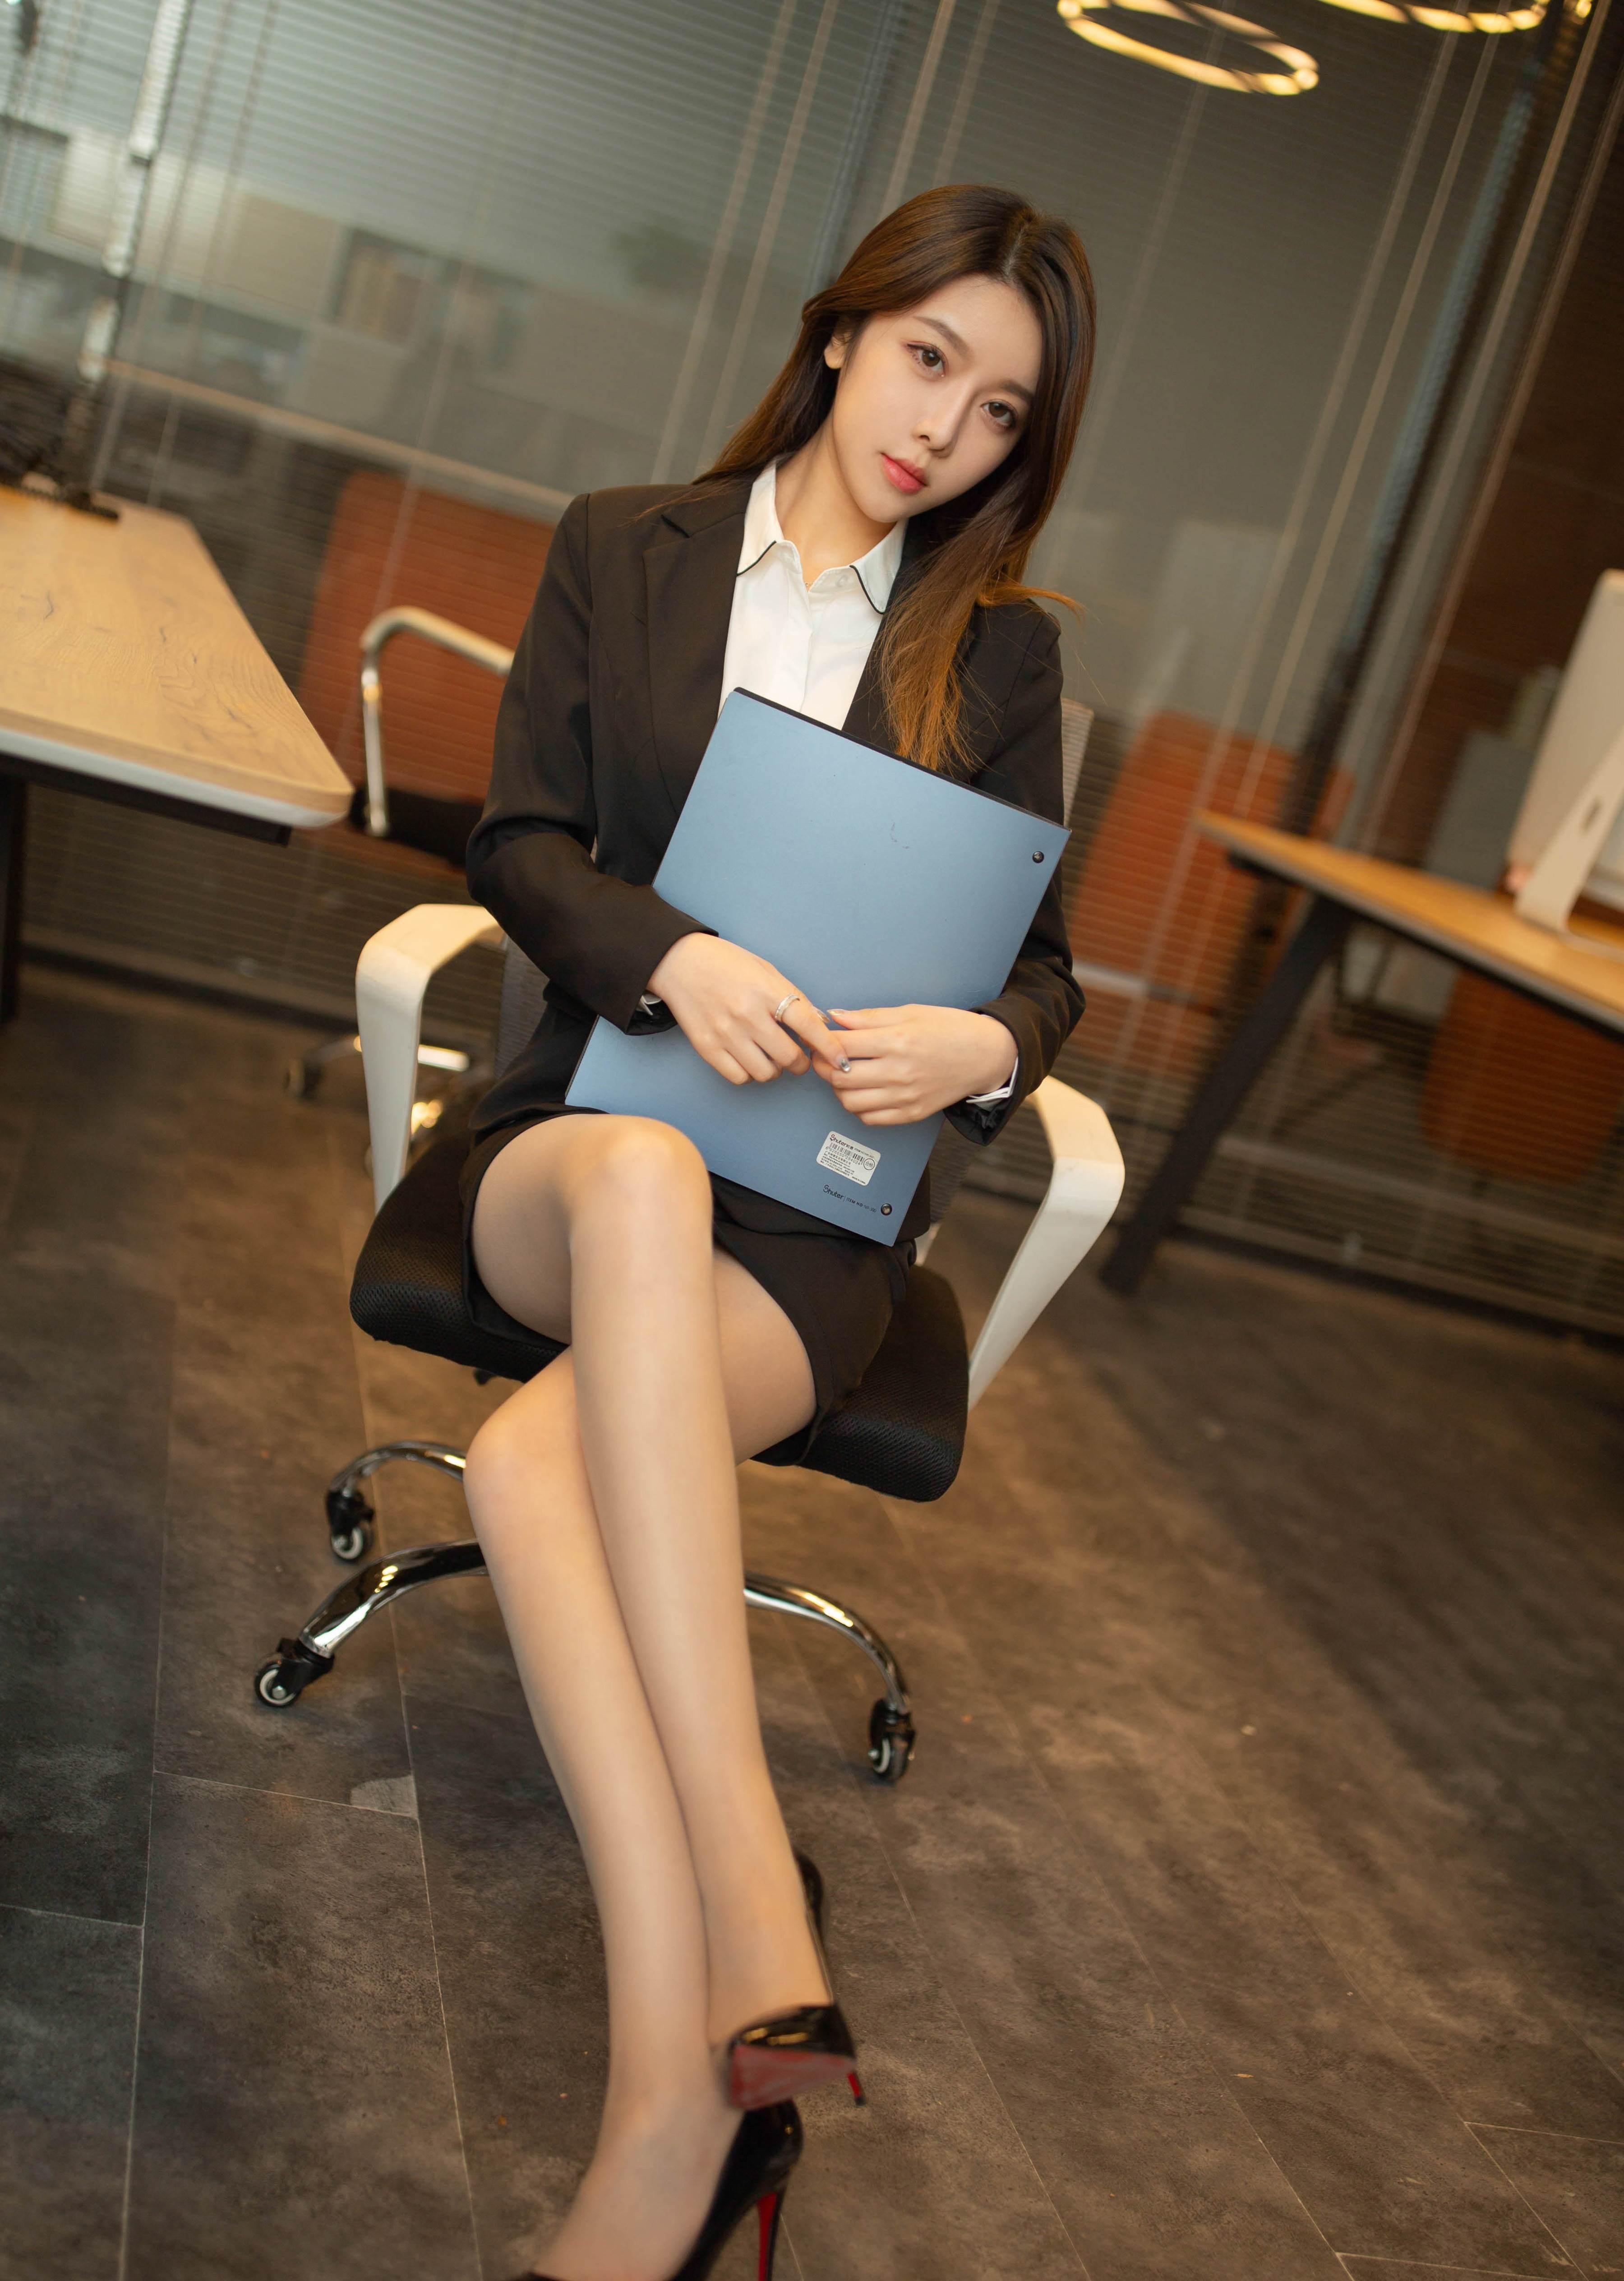 第3期.变身办公室OL女郎夏诗诗Sally_图片2